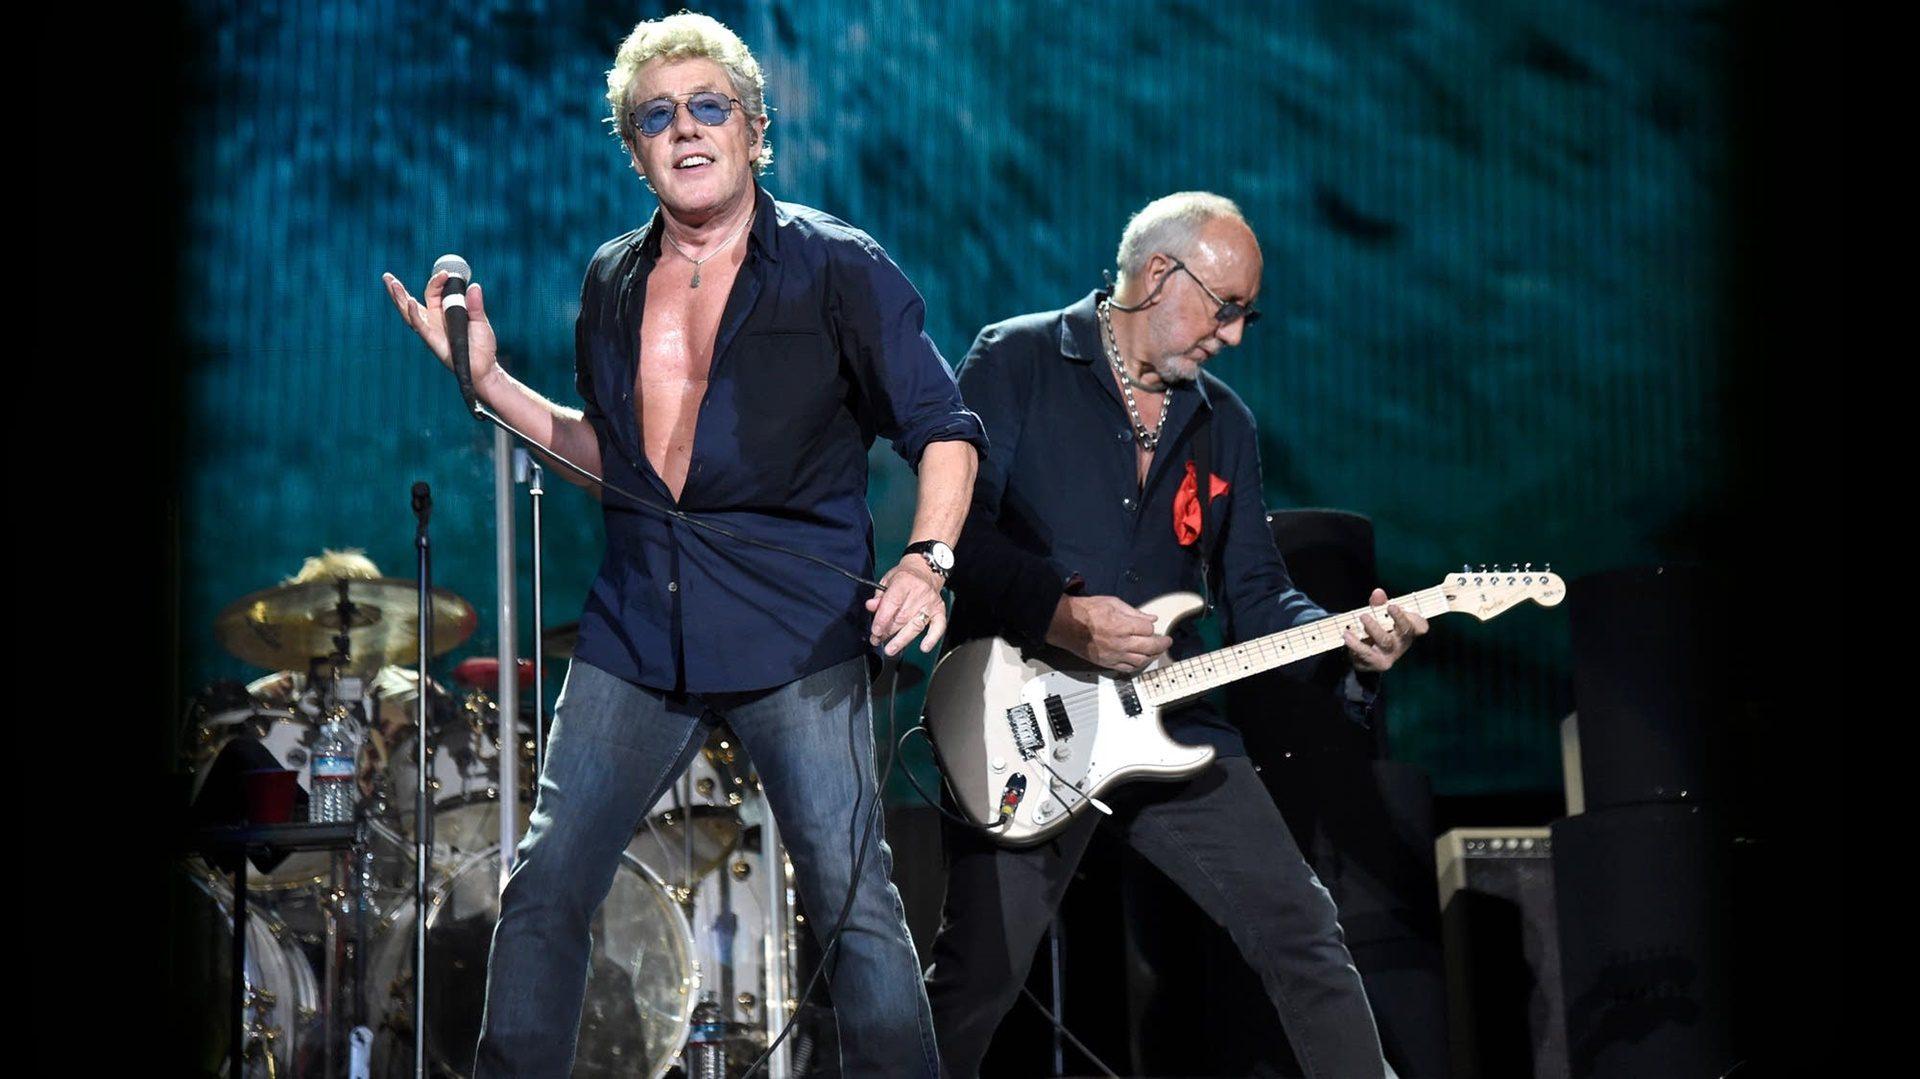 Roger Daltrey anuncia que publican materia de The Who gratuitamente para ayudar a jóvenes con cancer